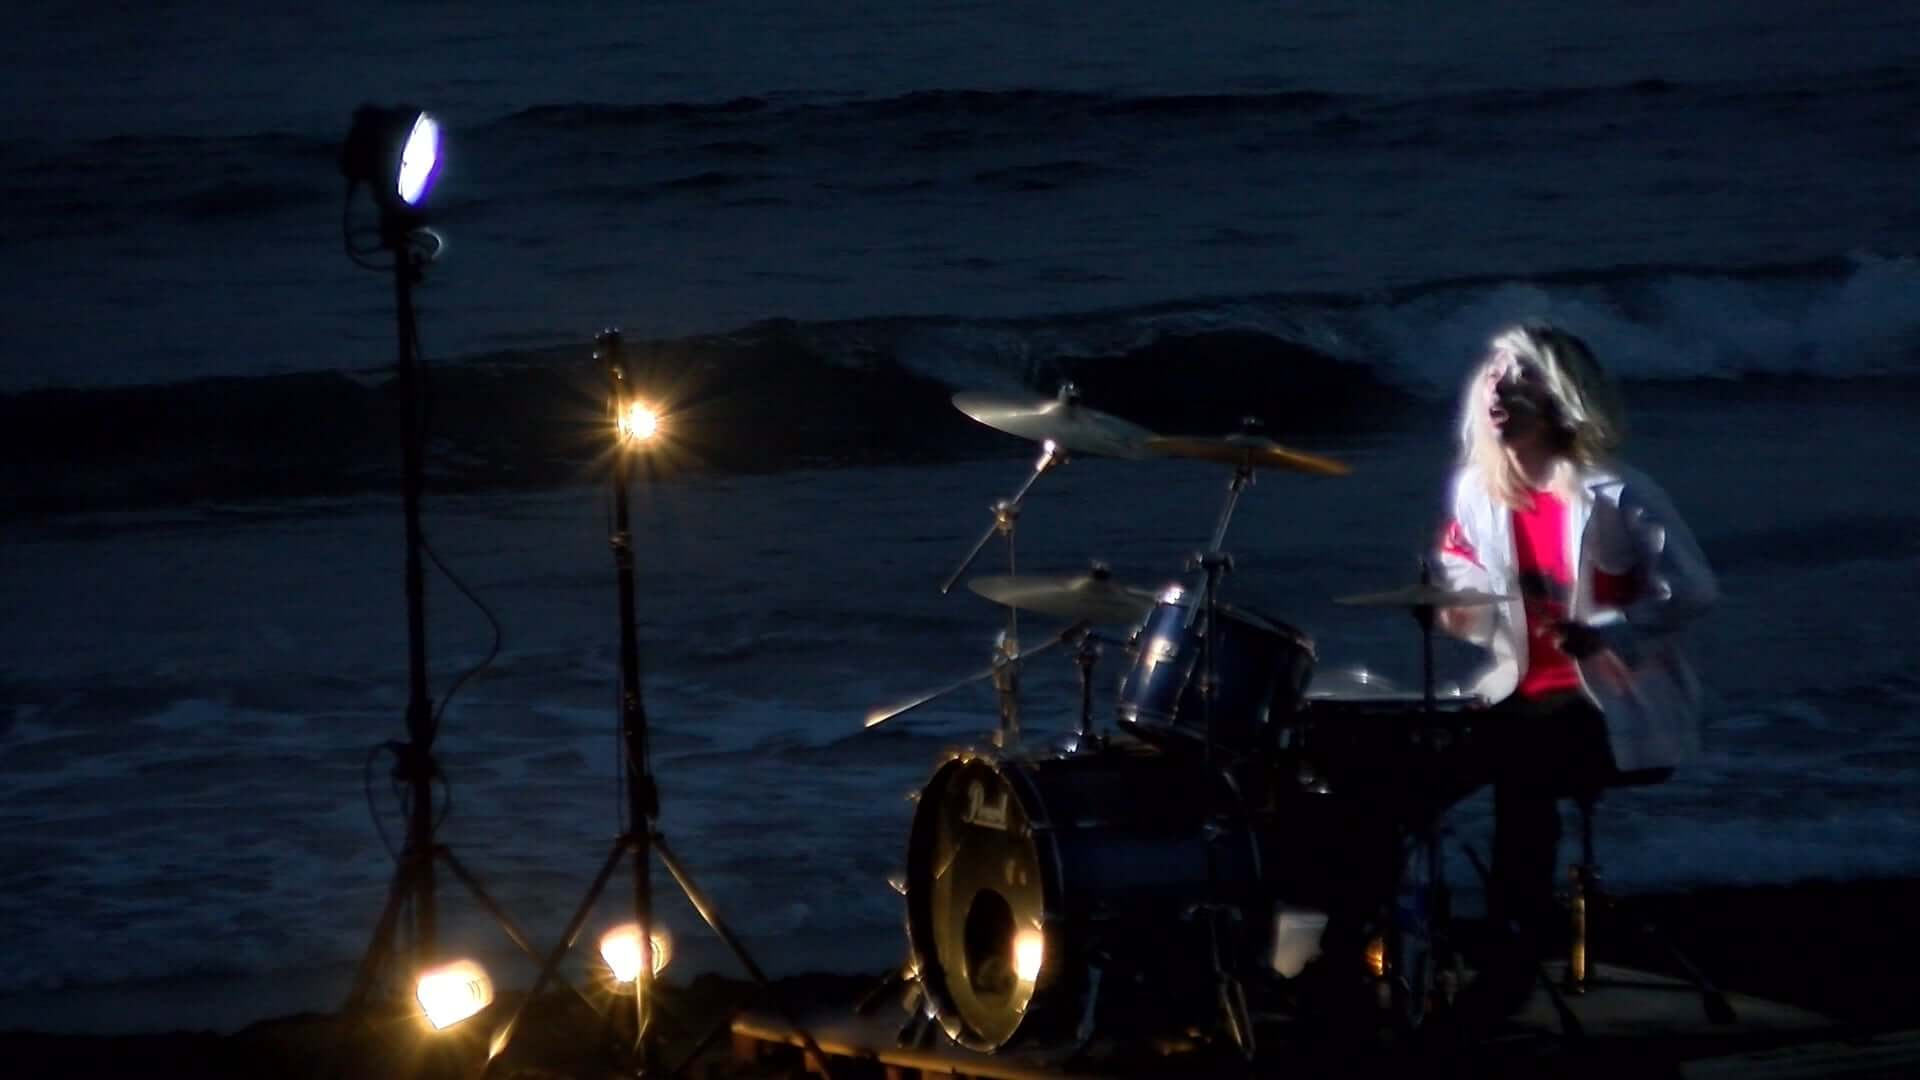 <石原ロスカル30時間ドラムマラソン>が映像化&〈十三月〉からリリース決定!GEZAN、踊ってばかりの国も登場 art200907_jusangatsu-lastlanguage_4-1920x1080